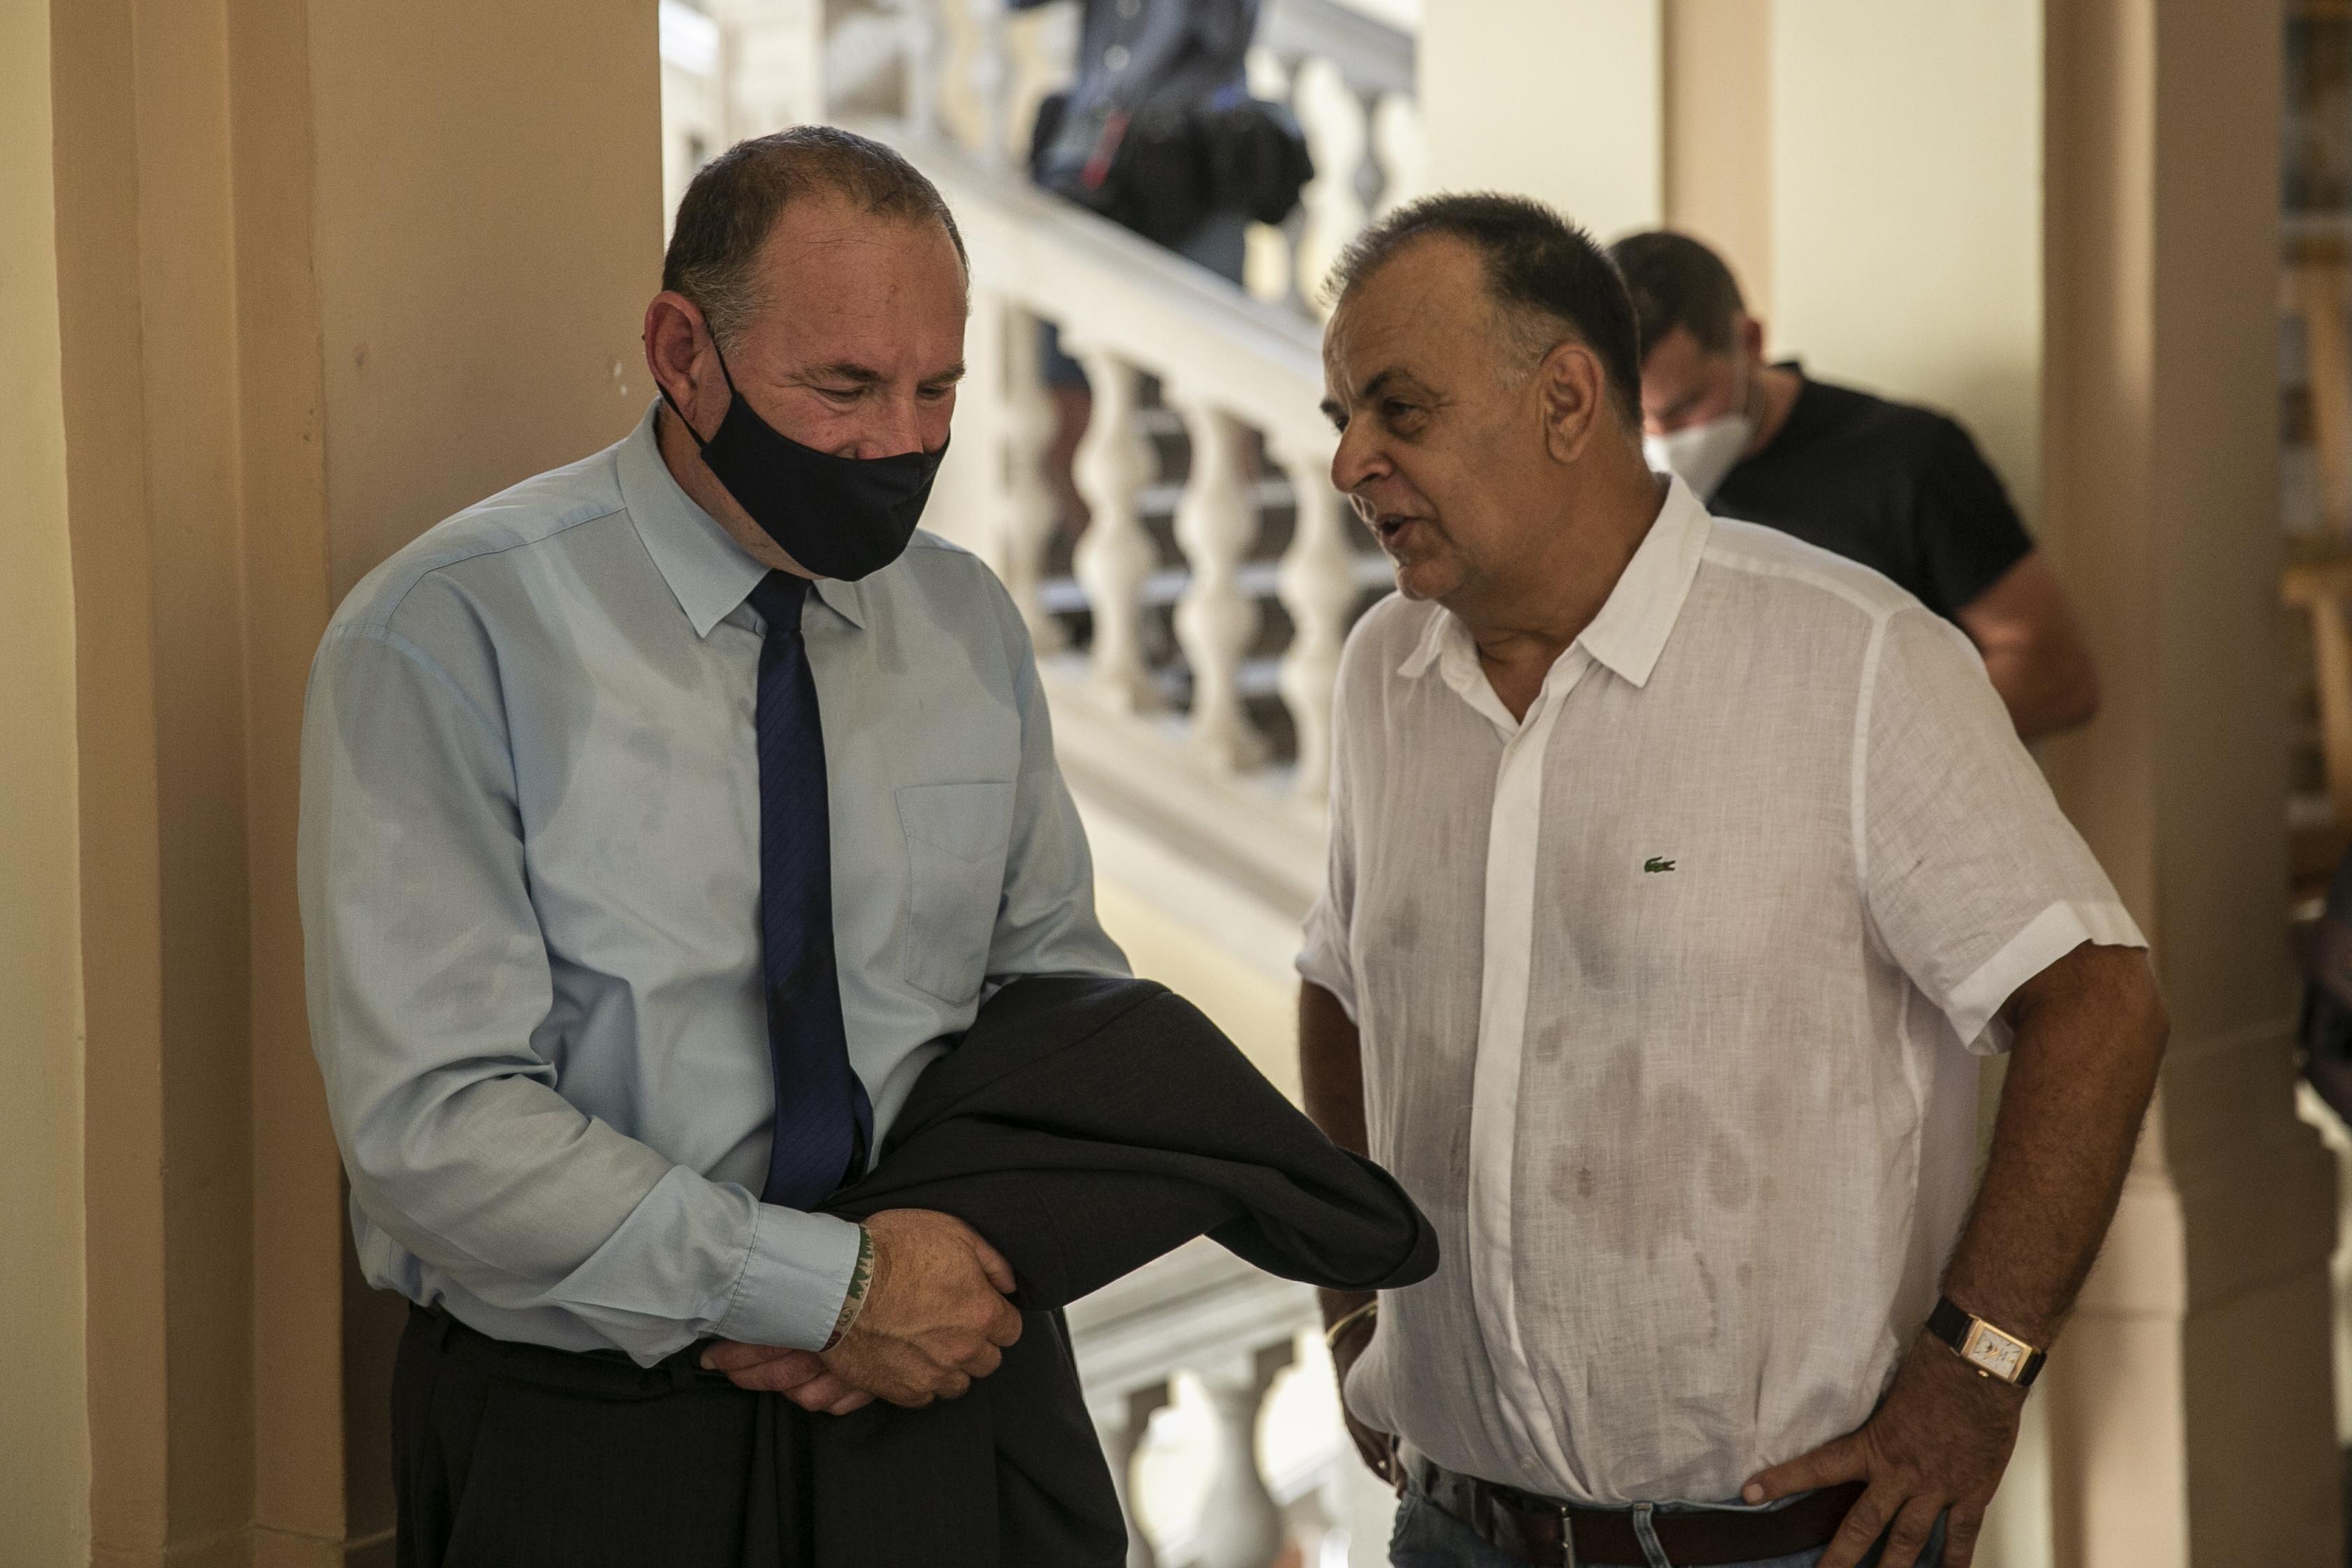 Boldog István emberei még a Jobbik polgármesterét is megkörnyékezték, hogy osszon vissza pénzt a fideszes jelölt kampányára